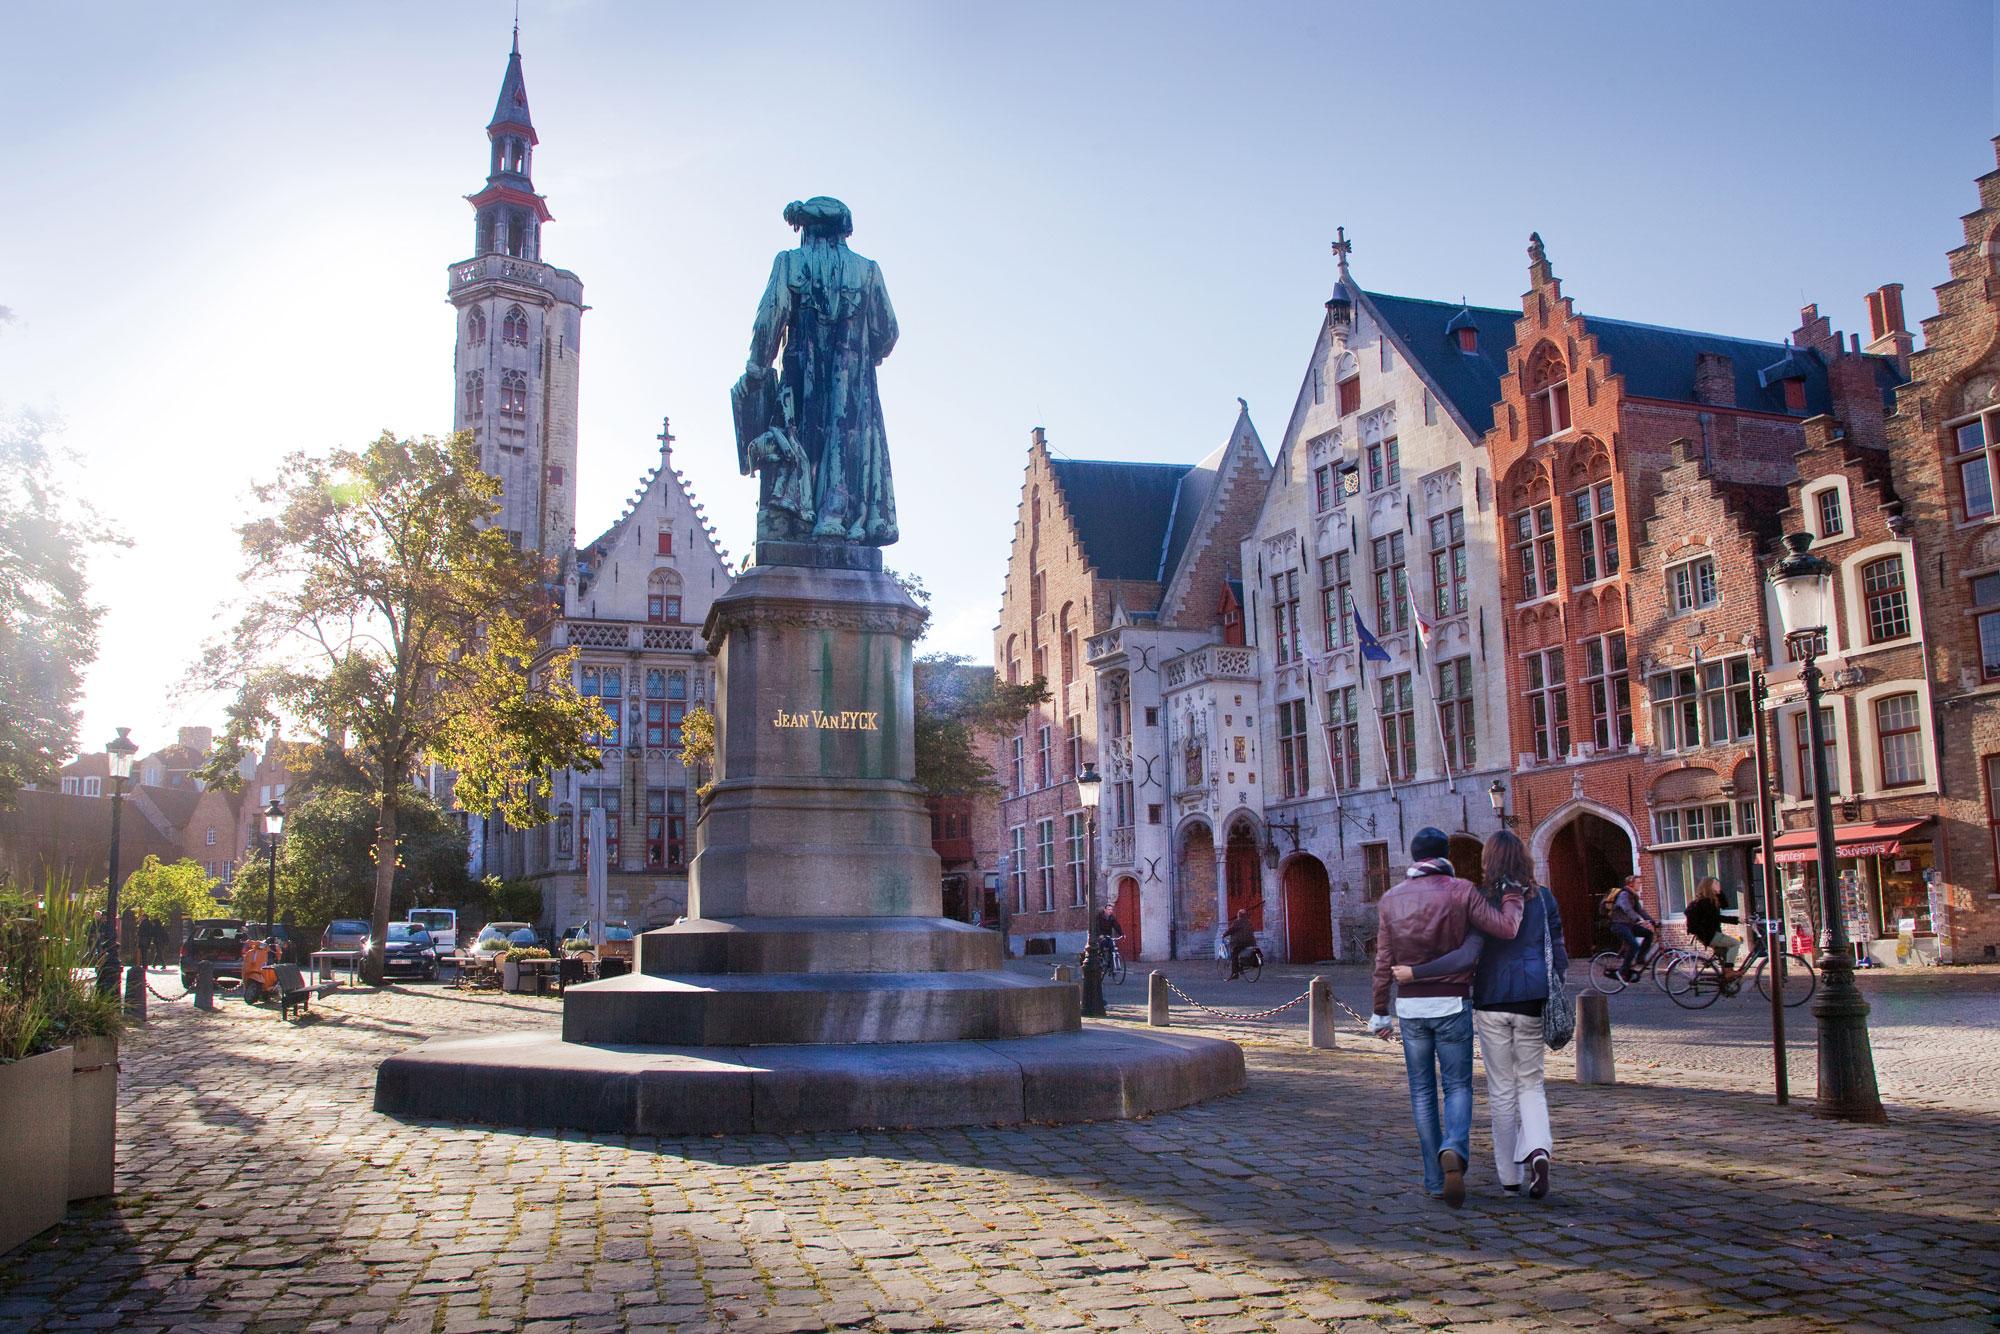 Bruges, Jan van Eyckplein